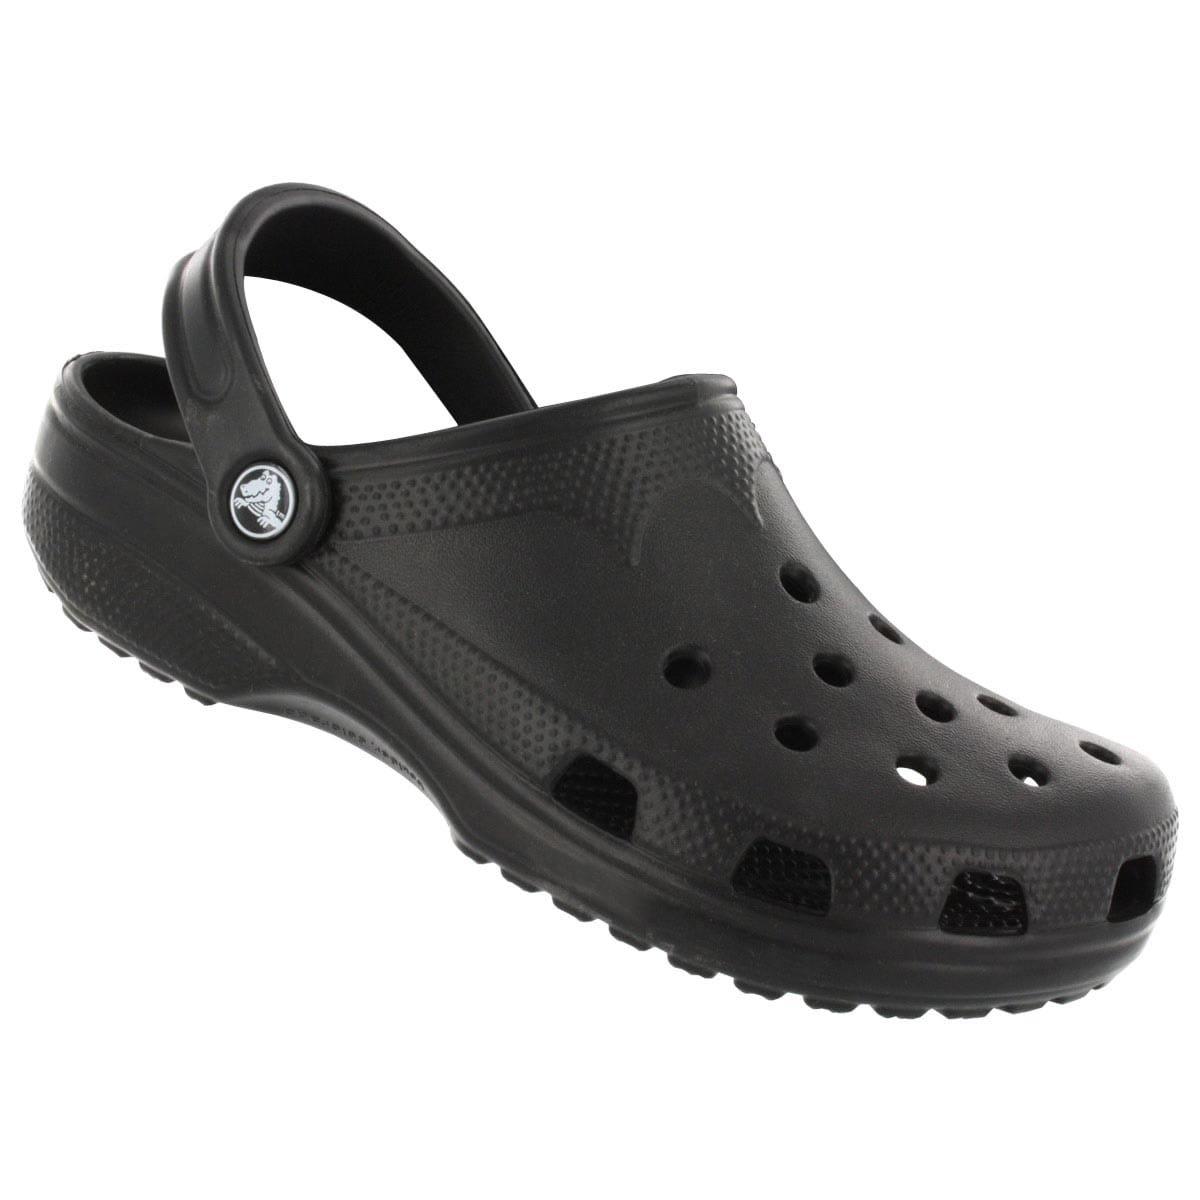 Crocs Men's Classic Comfort Clog Black 12 M US